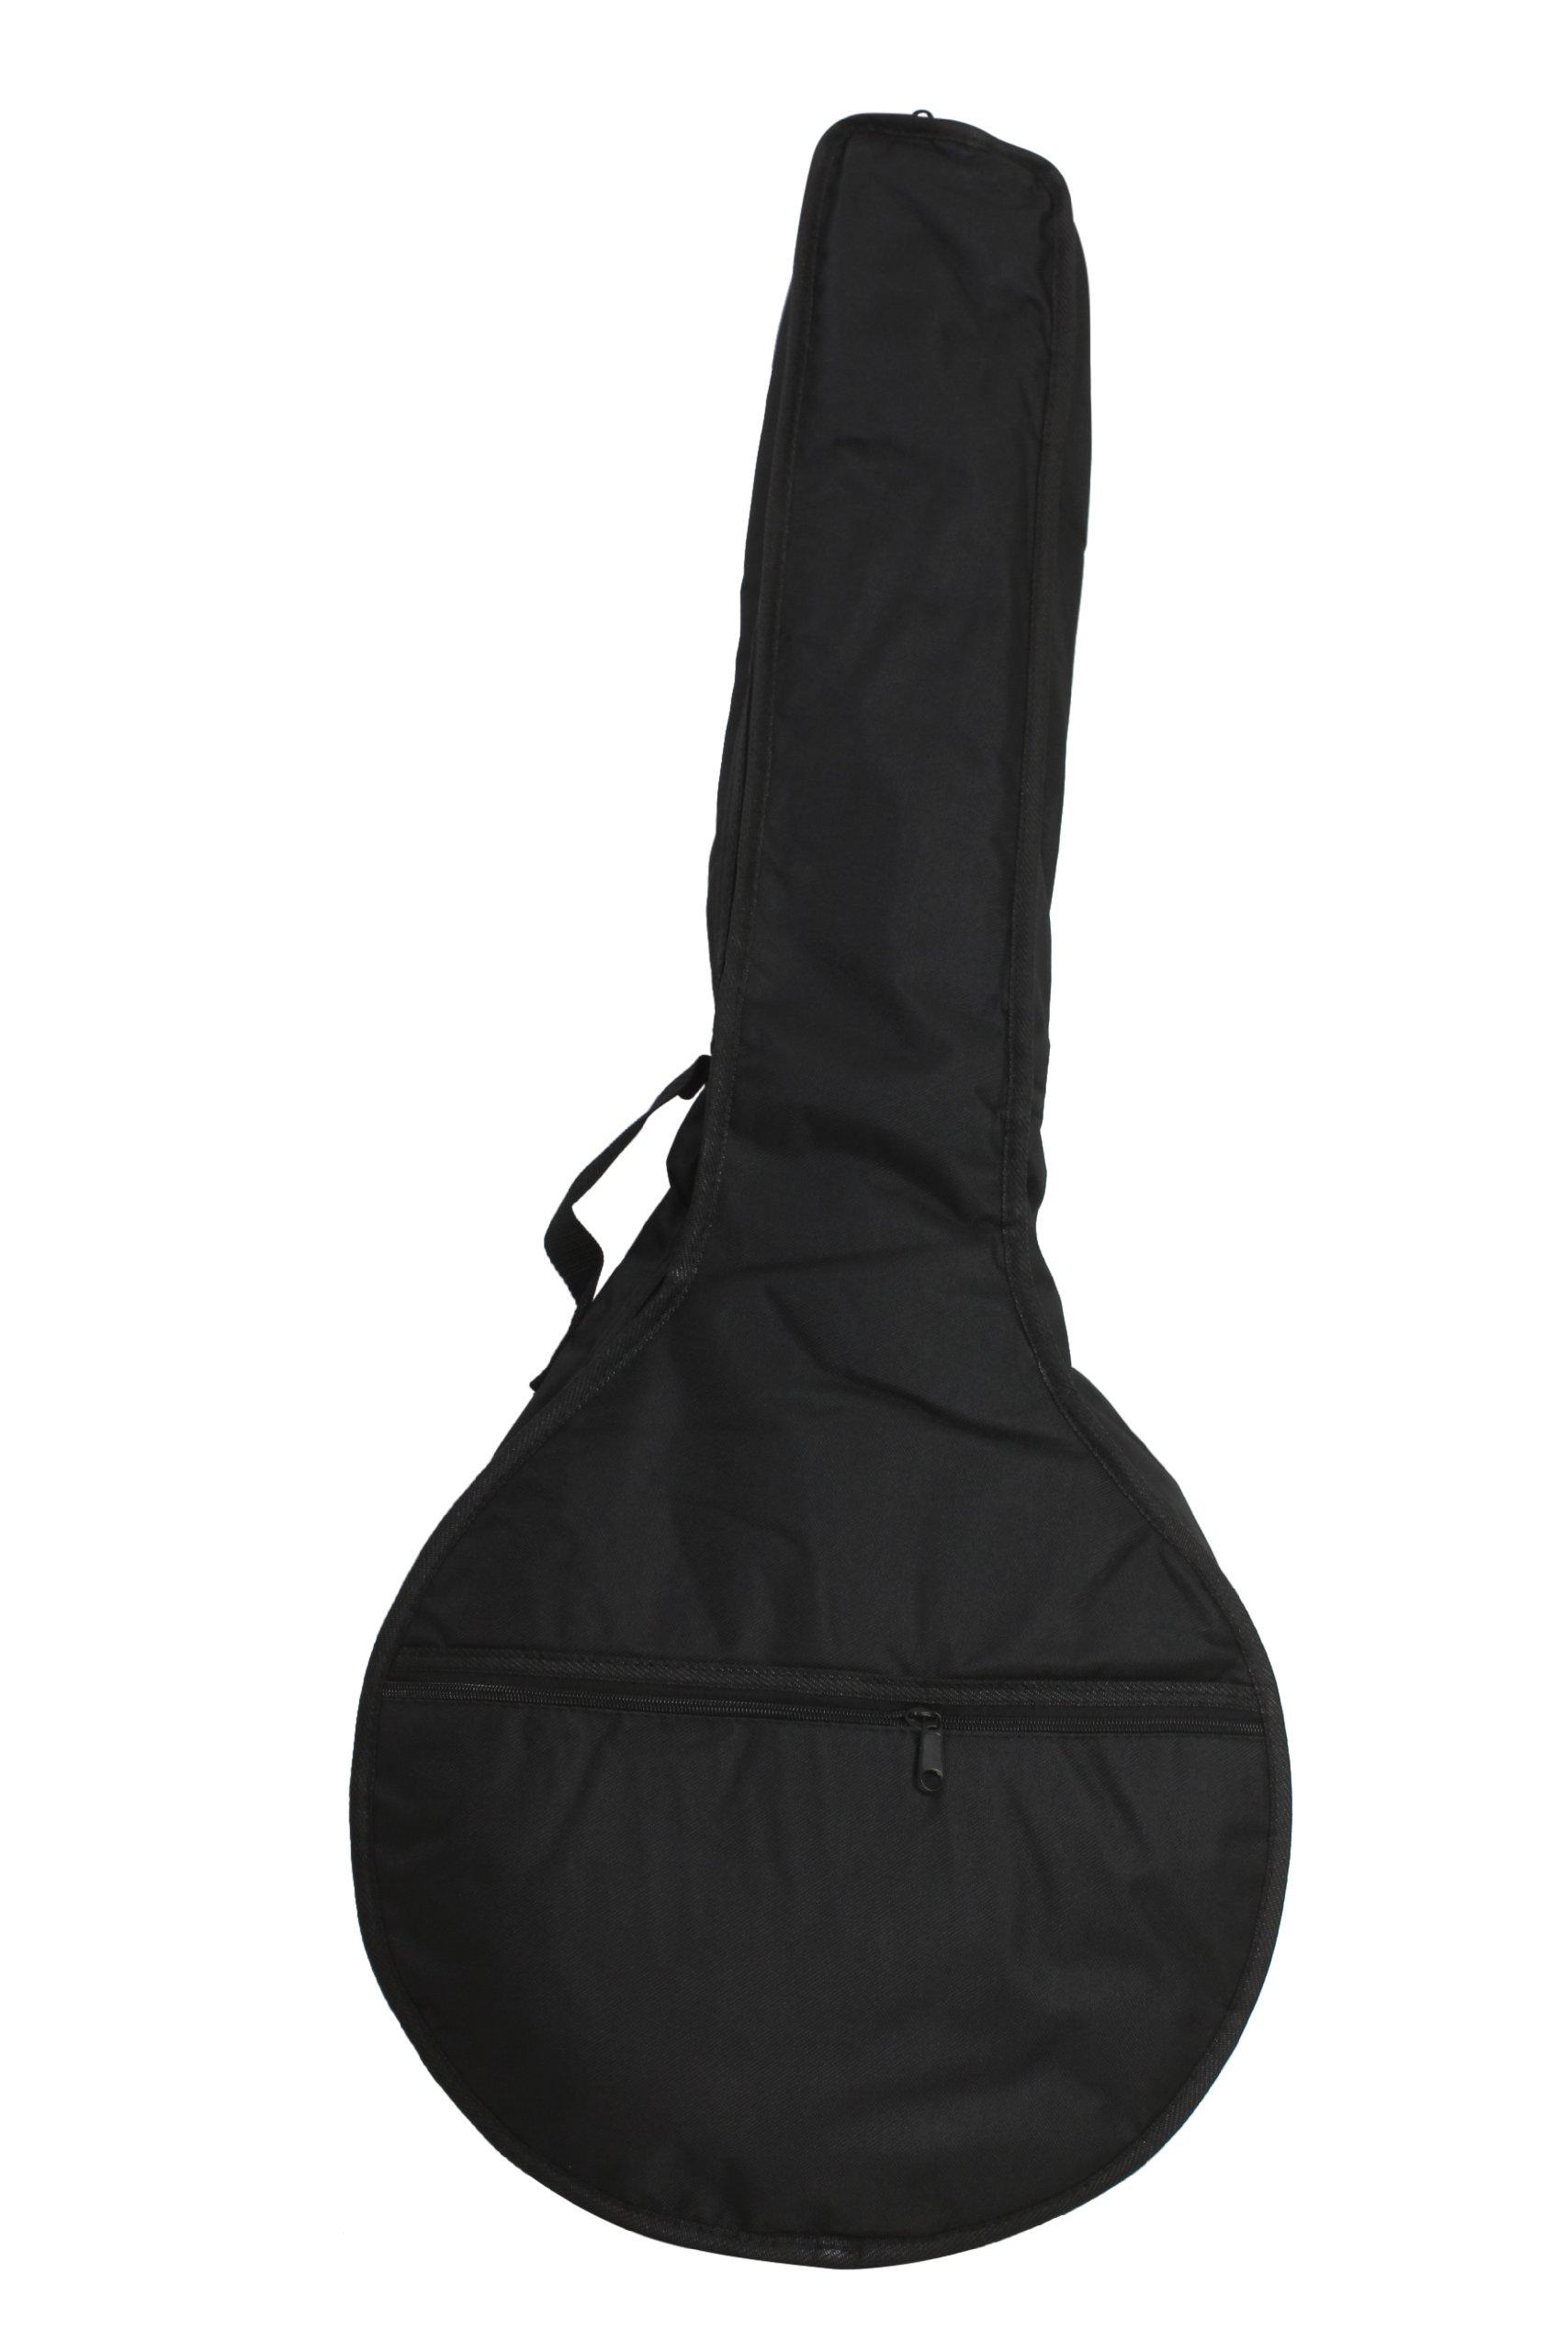 Jameson Banjo Padded Gig Bag Case with Shoulder Strap by Jameson Guitars